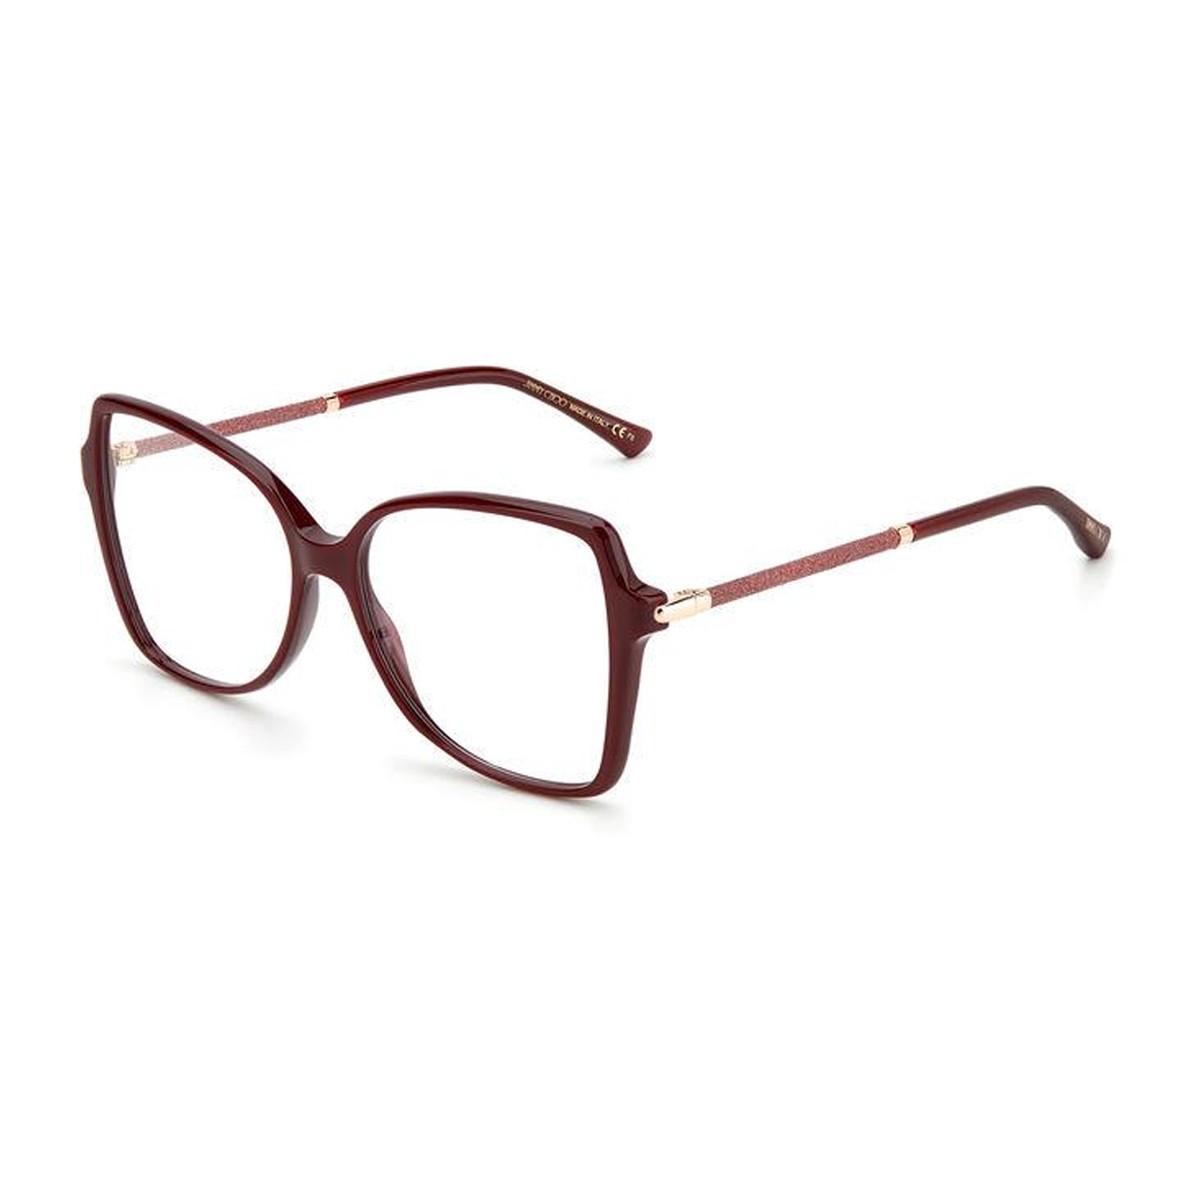 Jc321 | Women's eyeglasses